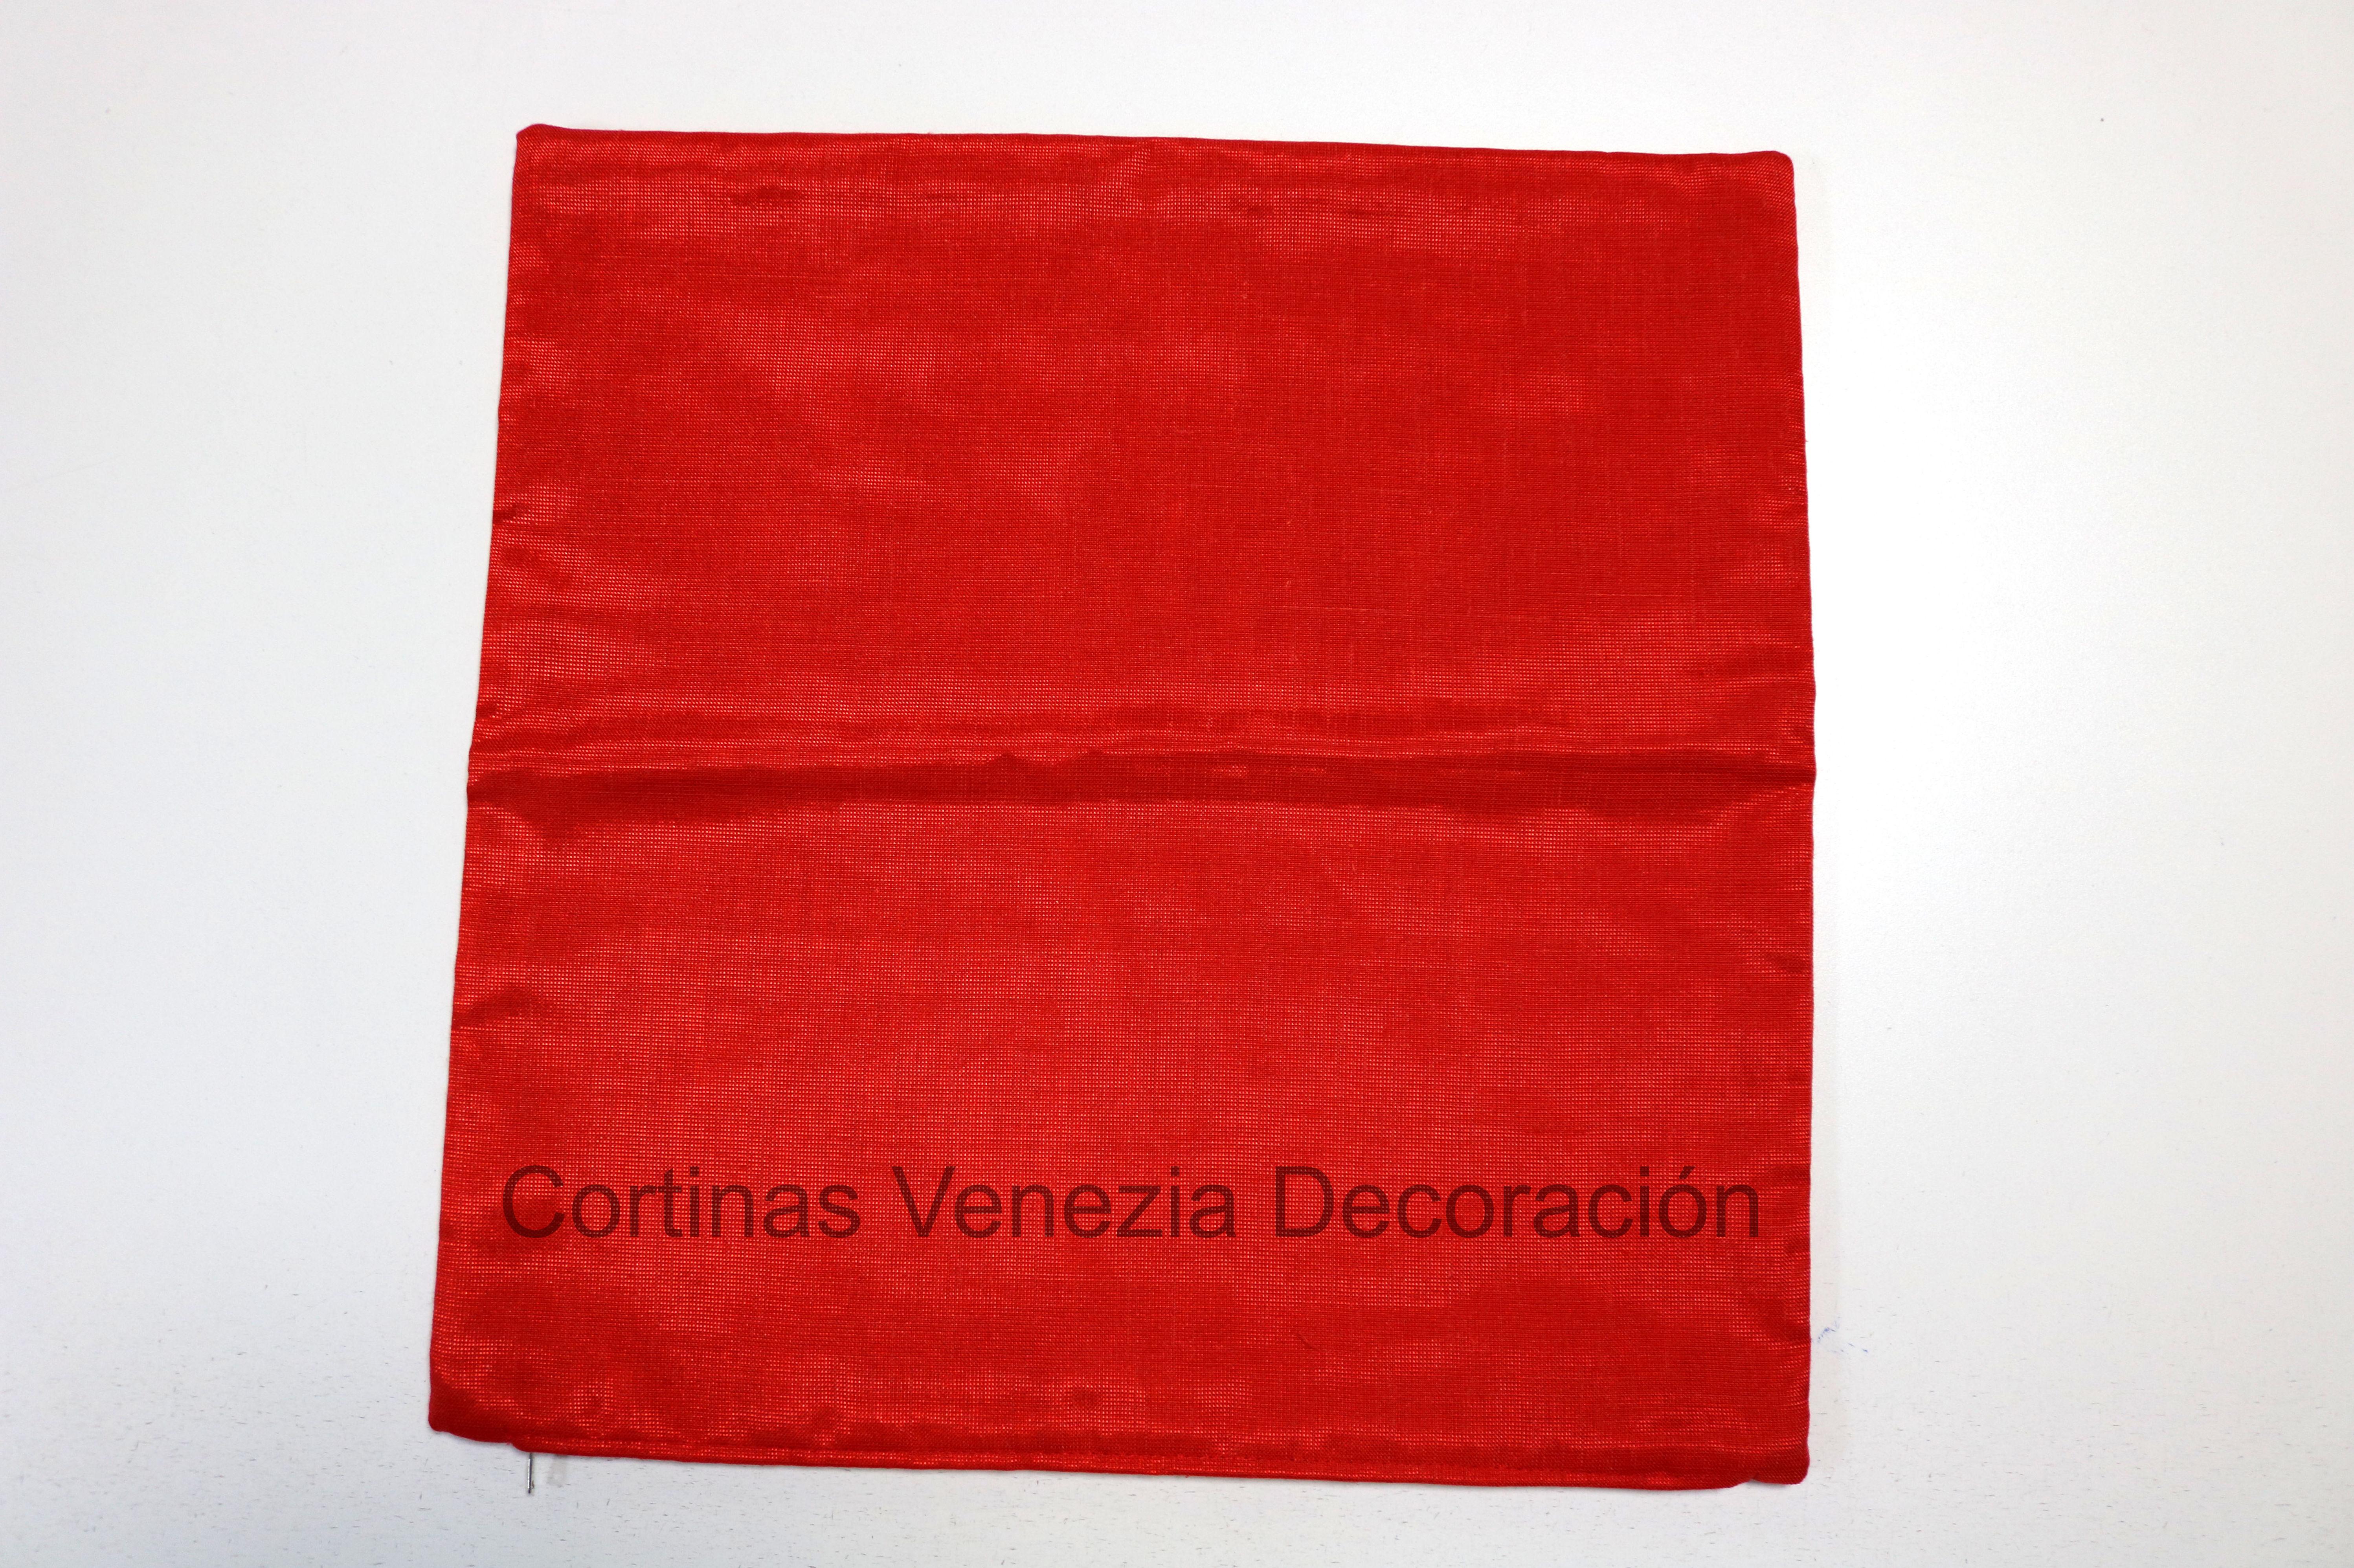 Red: Catálogo de Venezia Decoración